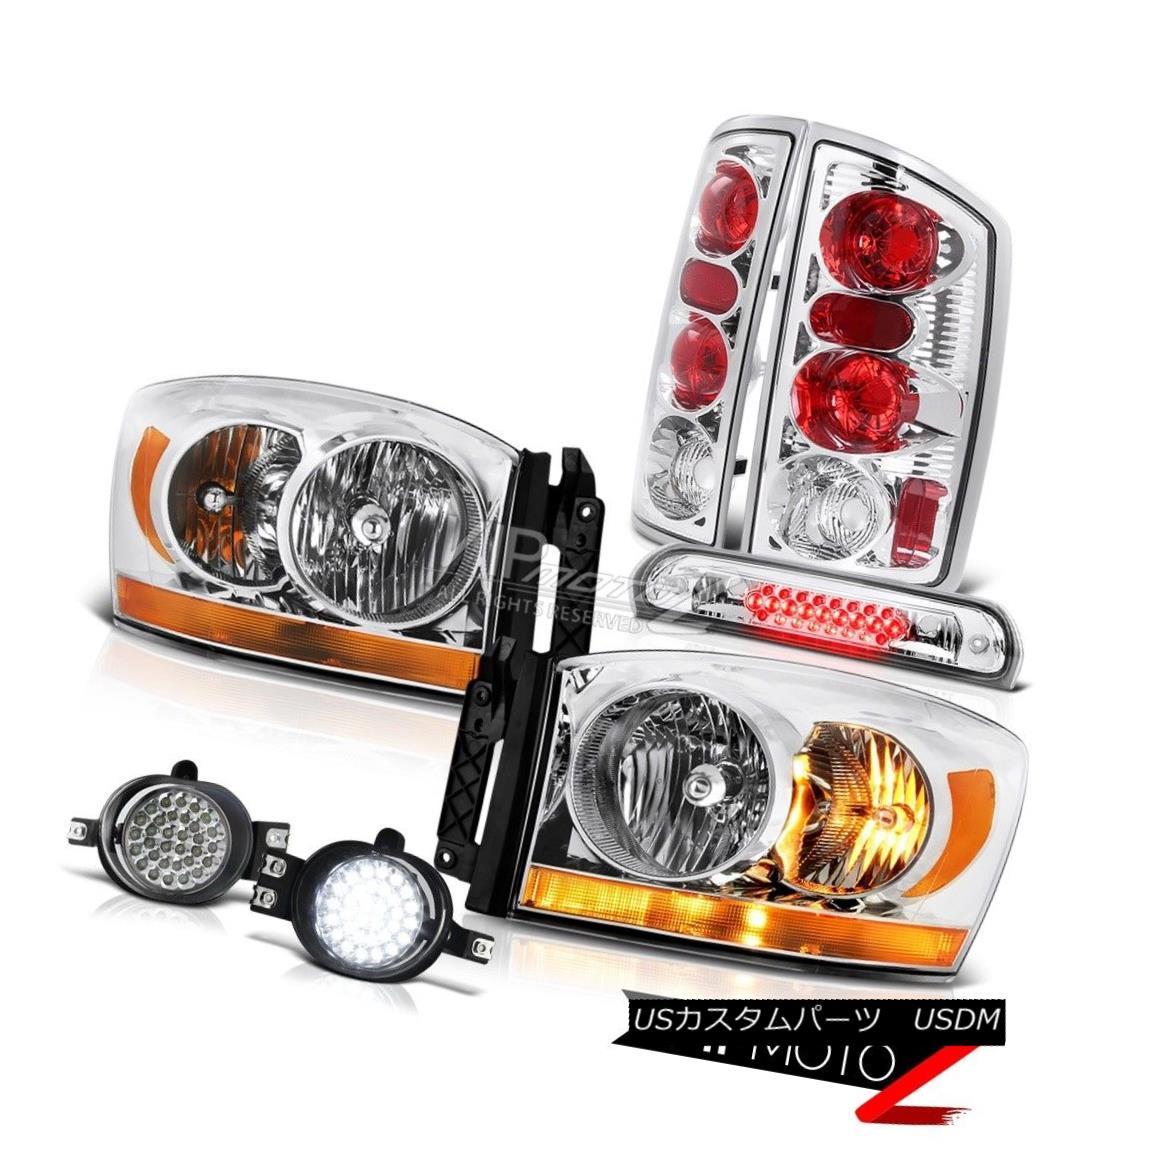 ヘッドライト 2006 Ram 3500 Crystal Clear Headlights Foglamps Roof Cab Lamp Rear Brake Lights 2006 Ram 3500クリスタルクリアヘッドライトフォグランプルーフキャブランプリアブレーキライト